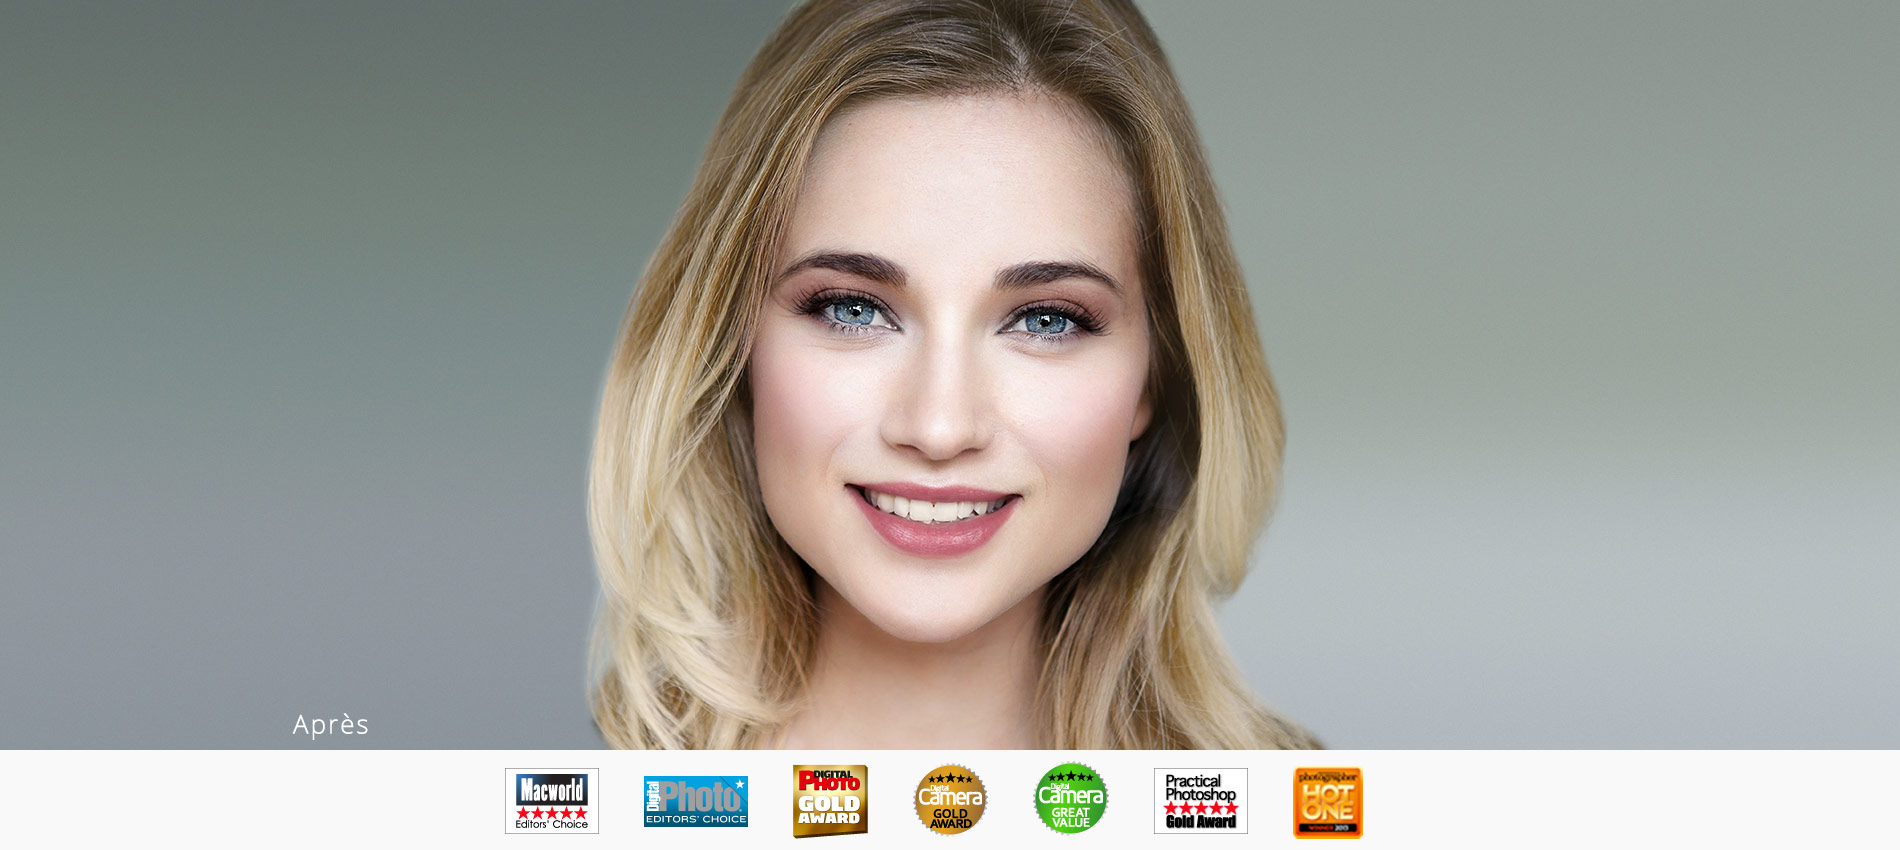 portraitpro amliorez vos photos laide du meilleur logiciel darographie et de retouche - Logiciel Coloration Cheveux Gratuit